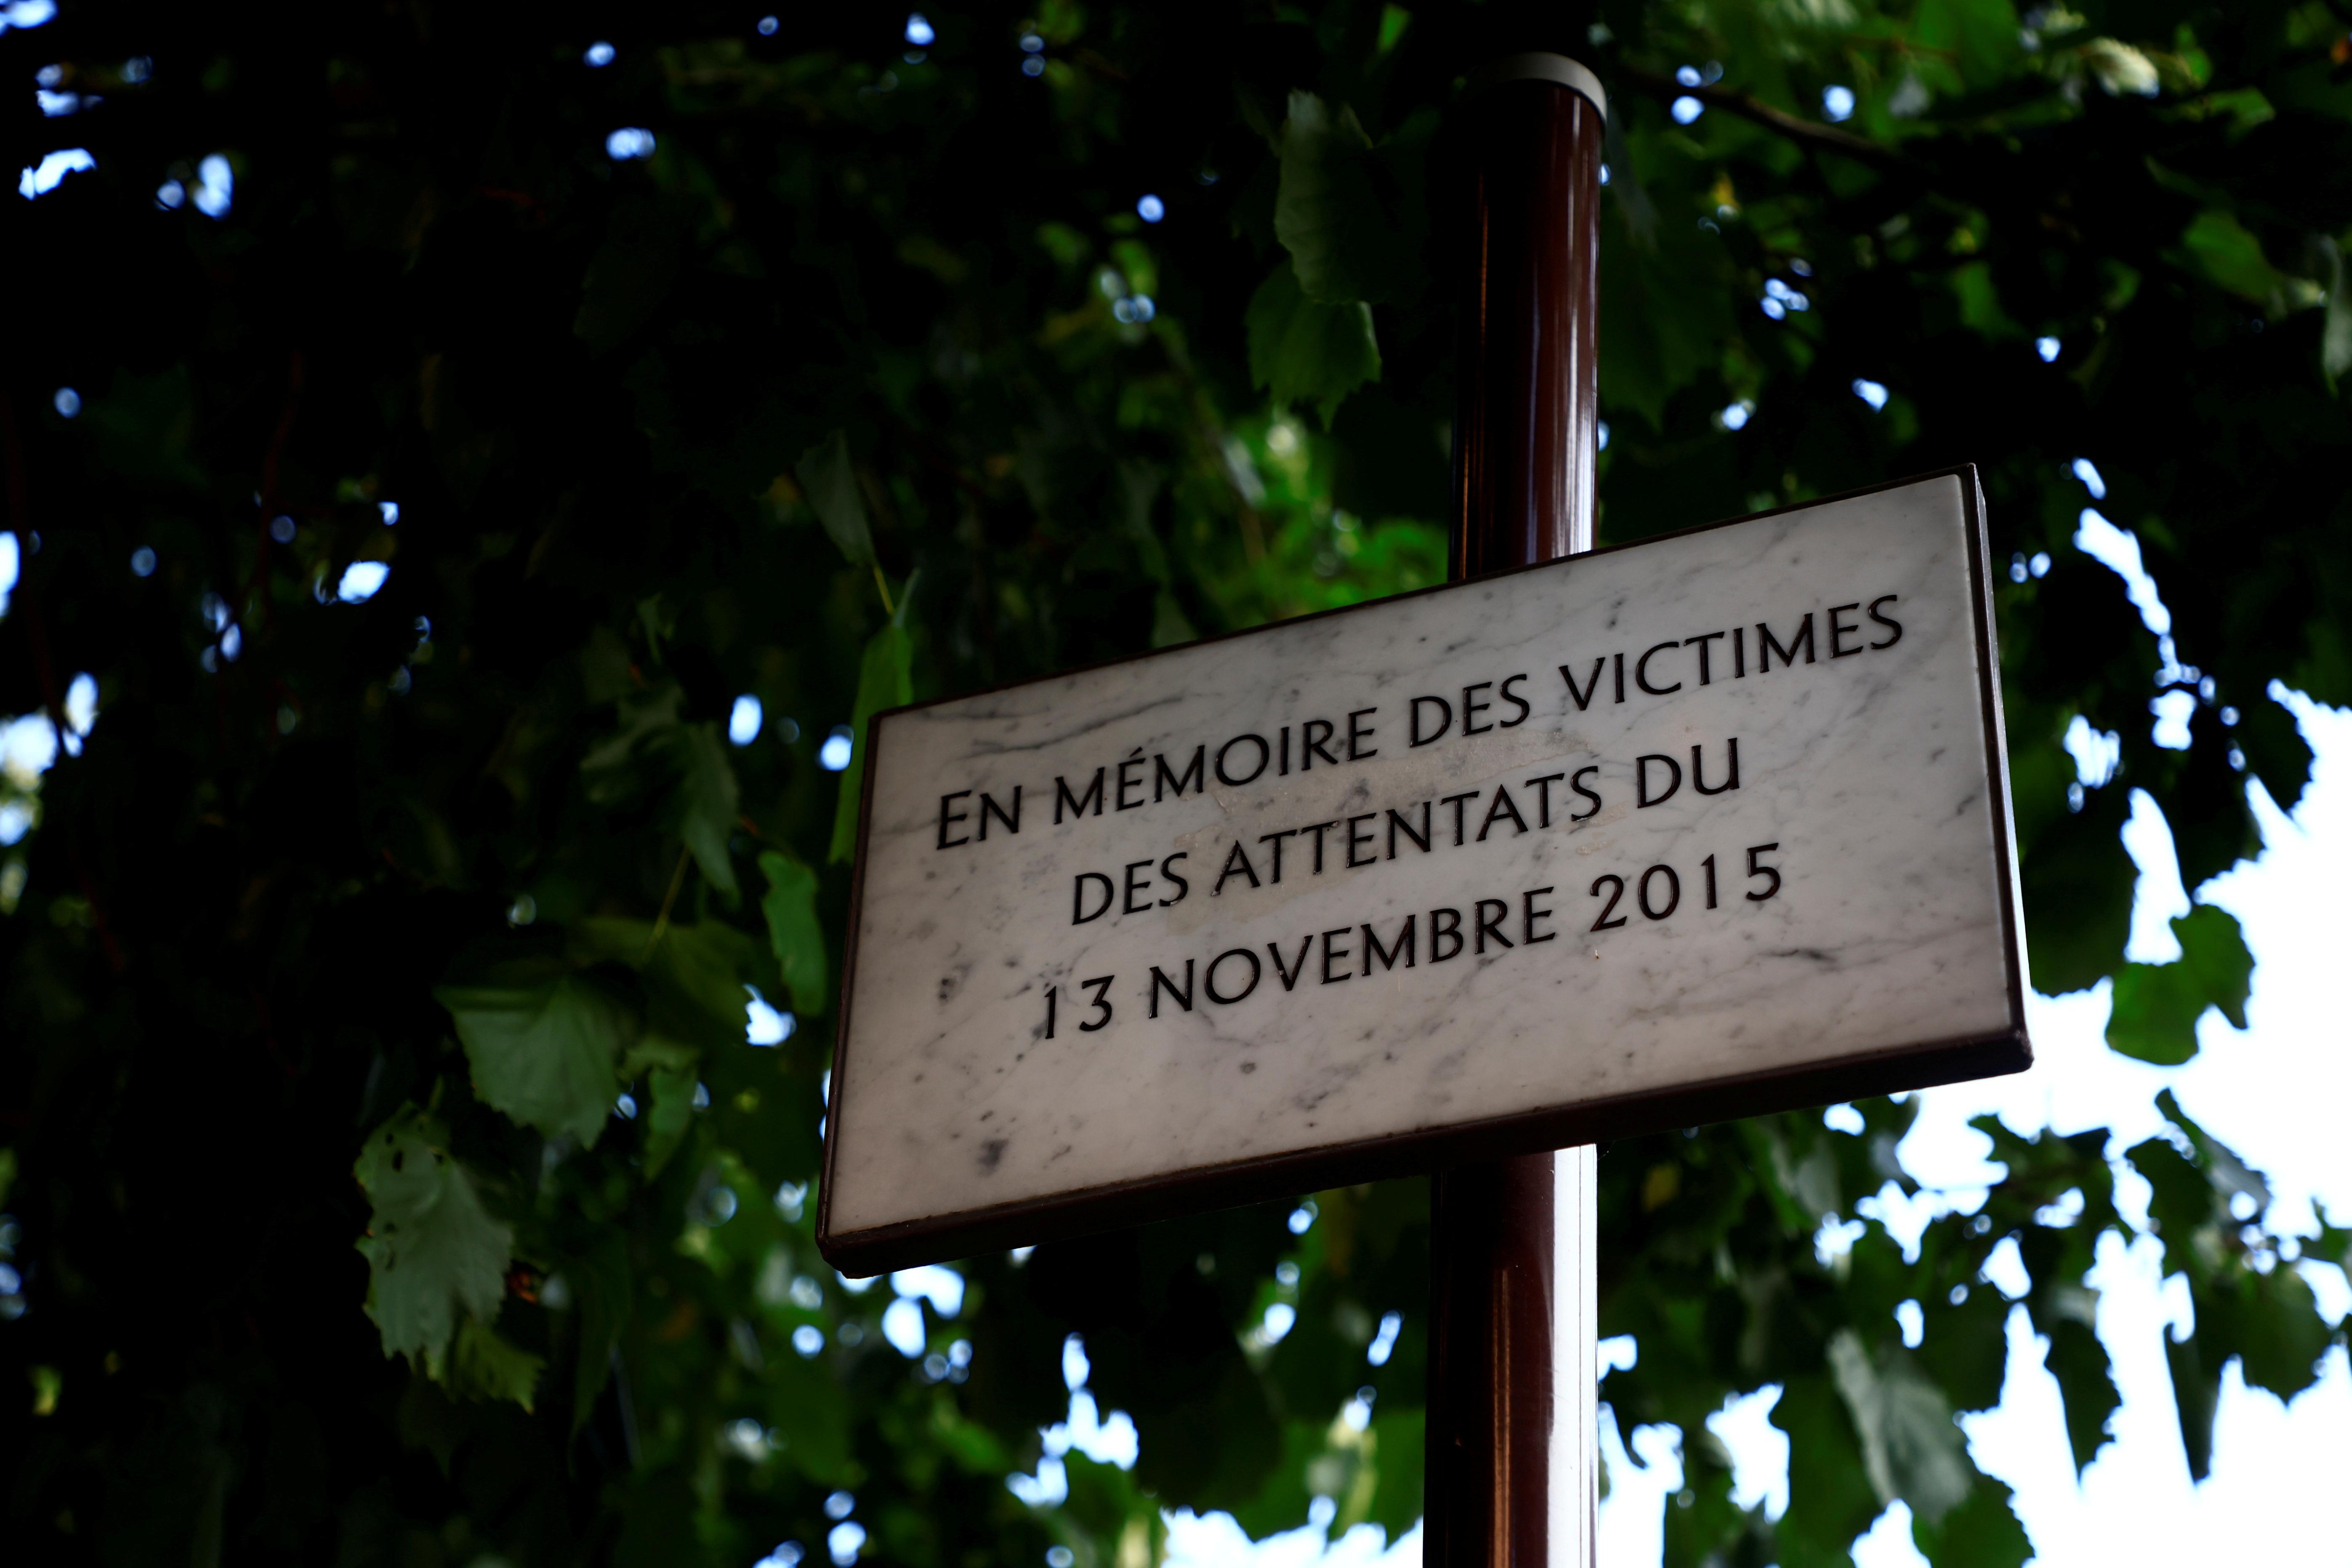 En minnetavle for ofrene for Paris 'angrep i november 2015 i Paris ses i nærheten av baren og restauranten som tidligere het Comptoir Voltaire i Paris, Frankrike, 1. september 2021. Tjue tiltalte vil stå for retten mot Paris' angrep fra november 2015 fra 8. september 2021 til 25. mai 2022 i Paris tinghus på Ile de la Cite, med nesten 1,800 sivile parter, mer enn 300 advokater, hundrevis av journalister og store sikkerhetsutfordringer. Bilde tatt 1. september 2021. REUTERS/Sarah Meyssonnier/File Photo